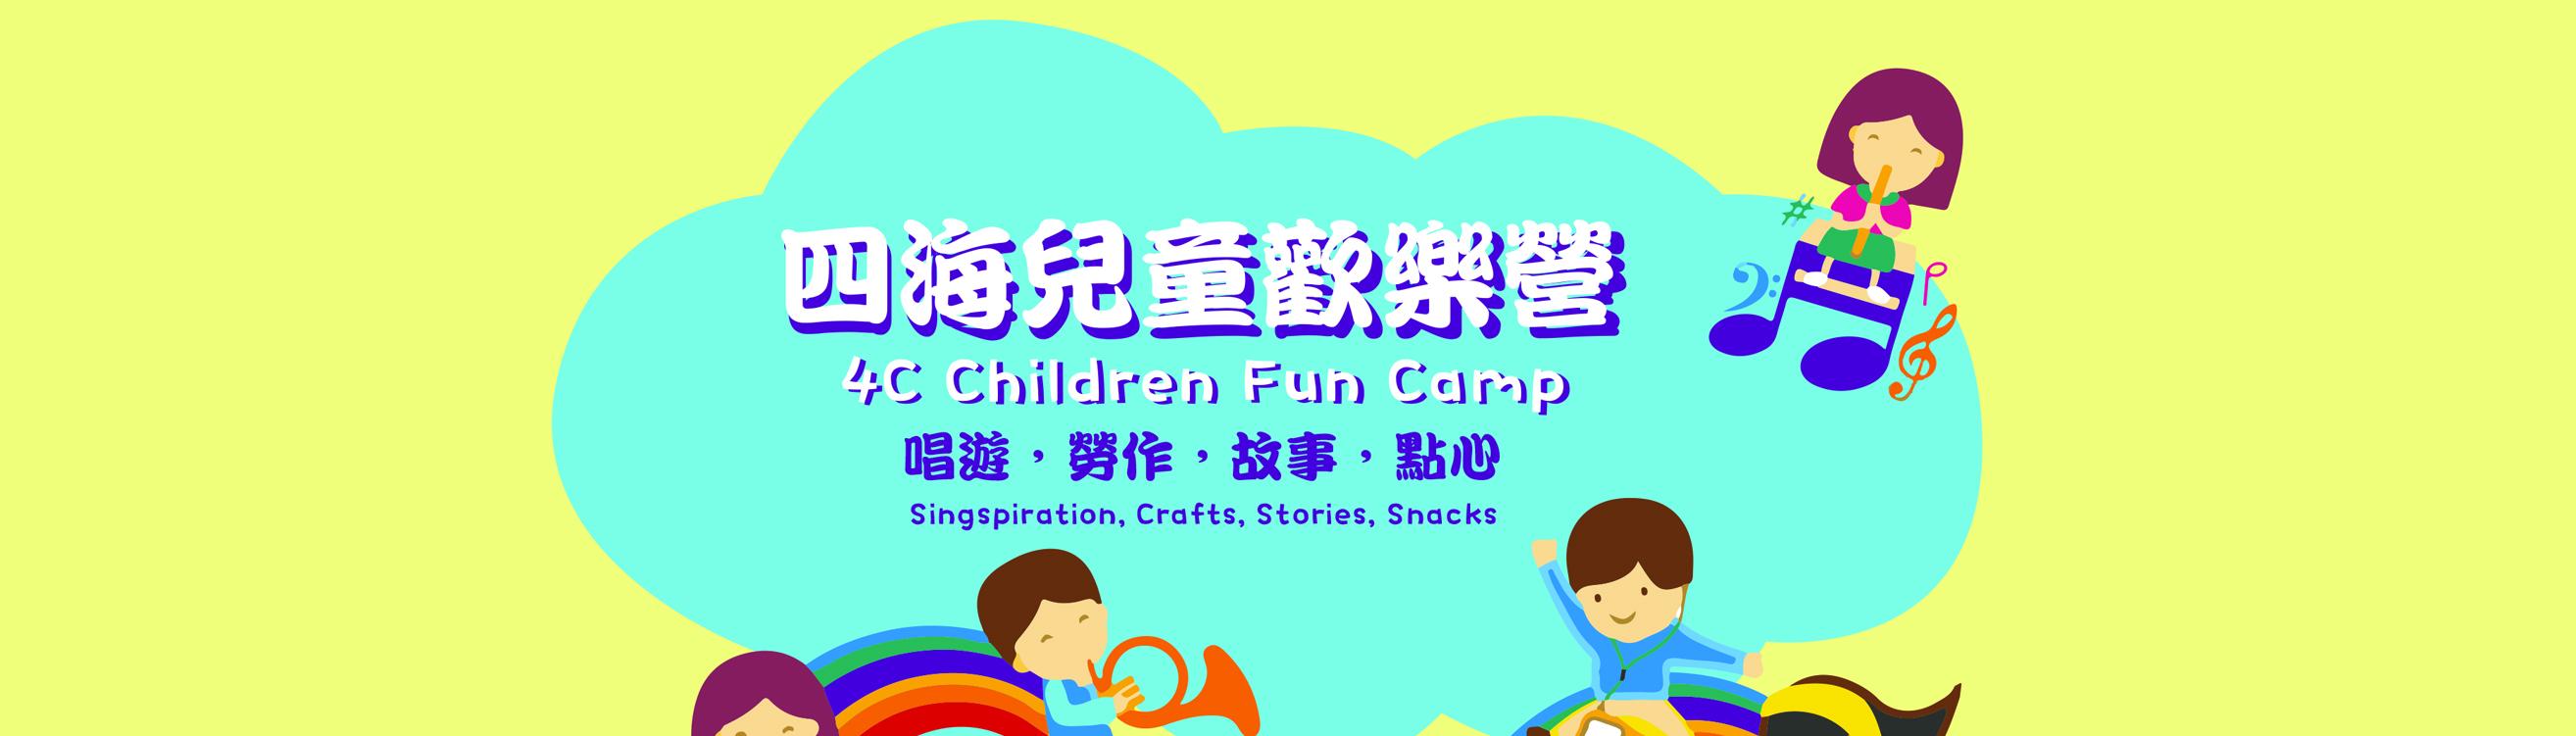 四海兒童歡樂營開放報名!